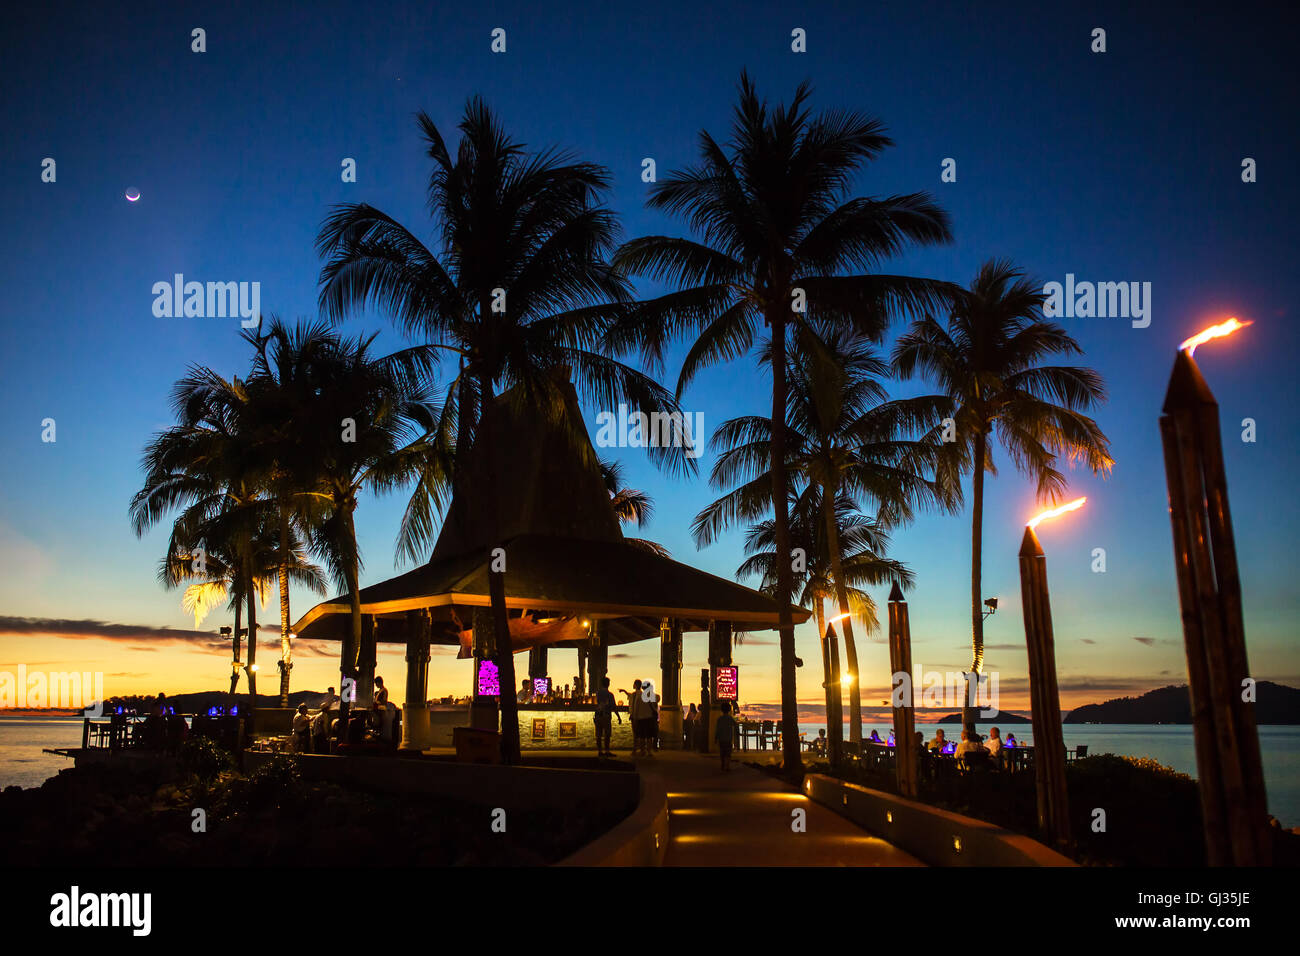 Luxury Tropical Beach Restaurant At Night In Kota Kinabalu